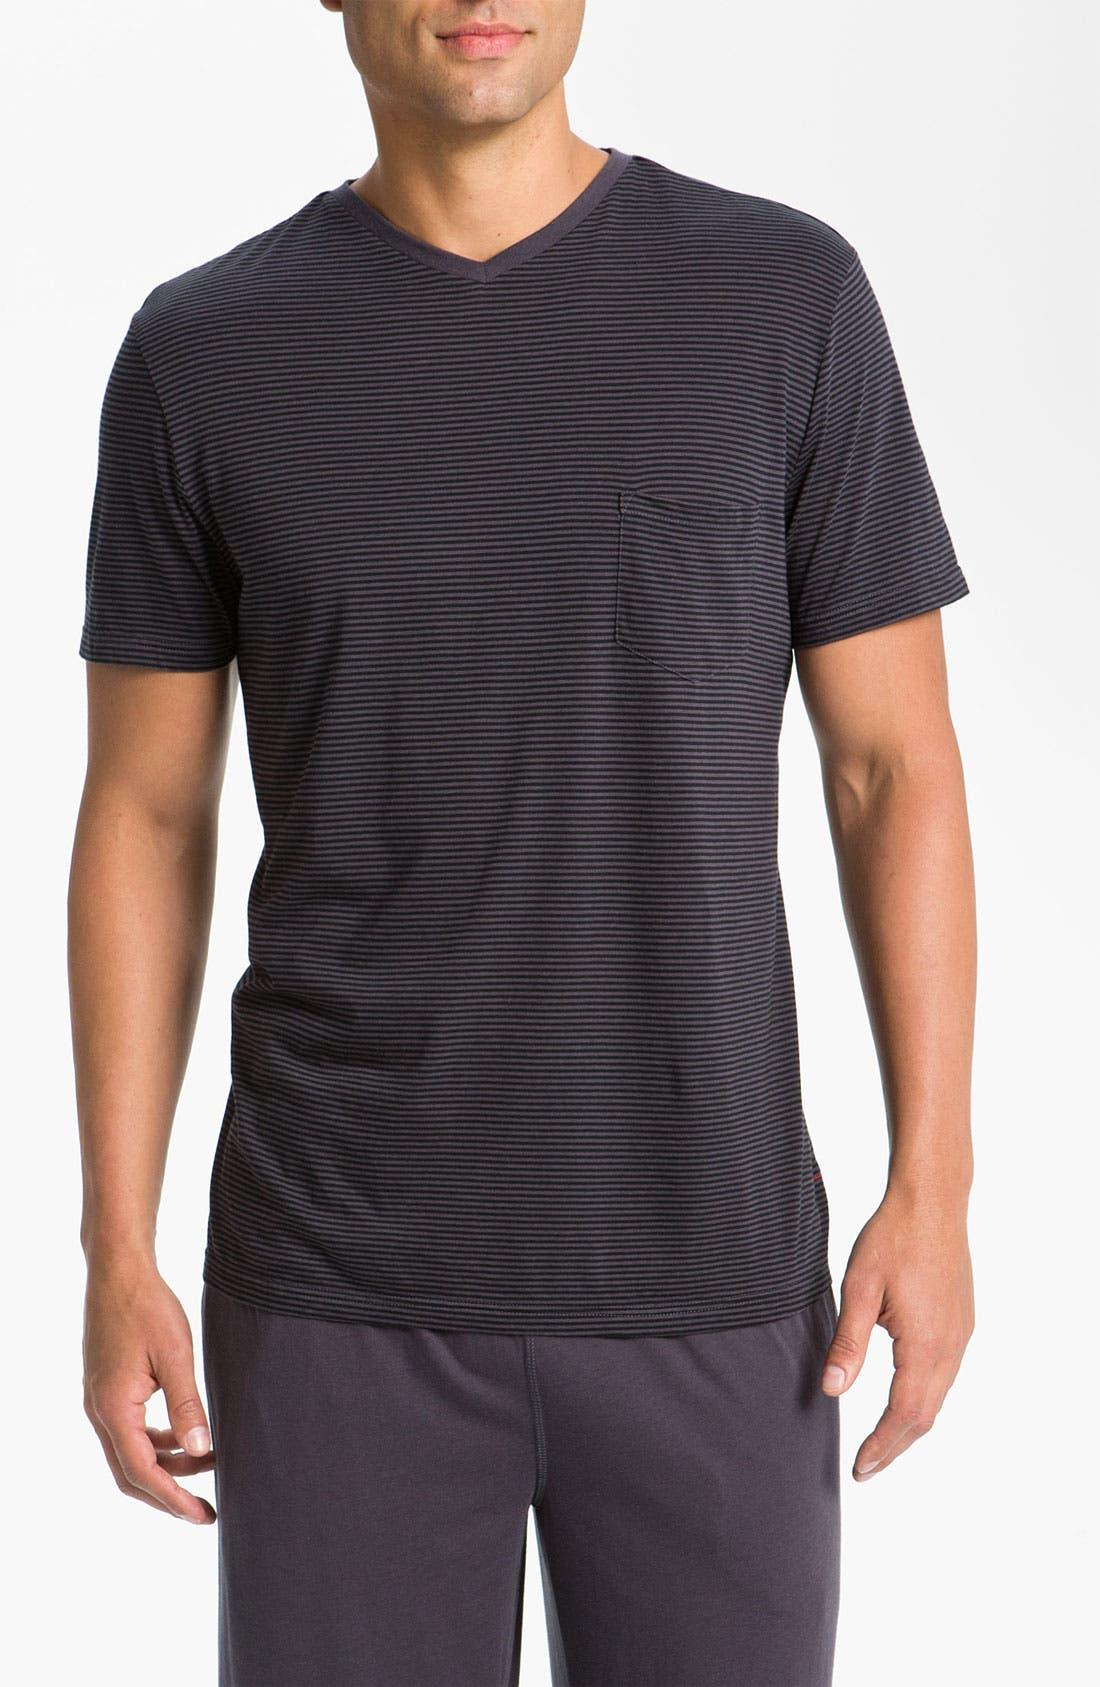 Alternate Image 1 Selected - Daniel Buchler Lightweight Cotton/Modal Stripe V-Neck T-Shirt